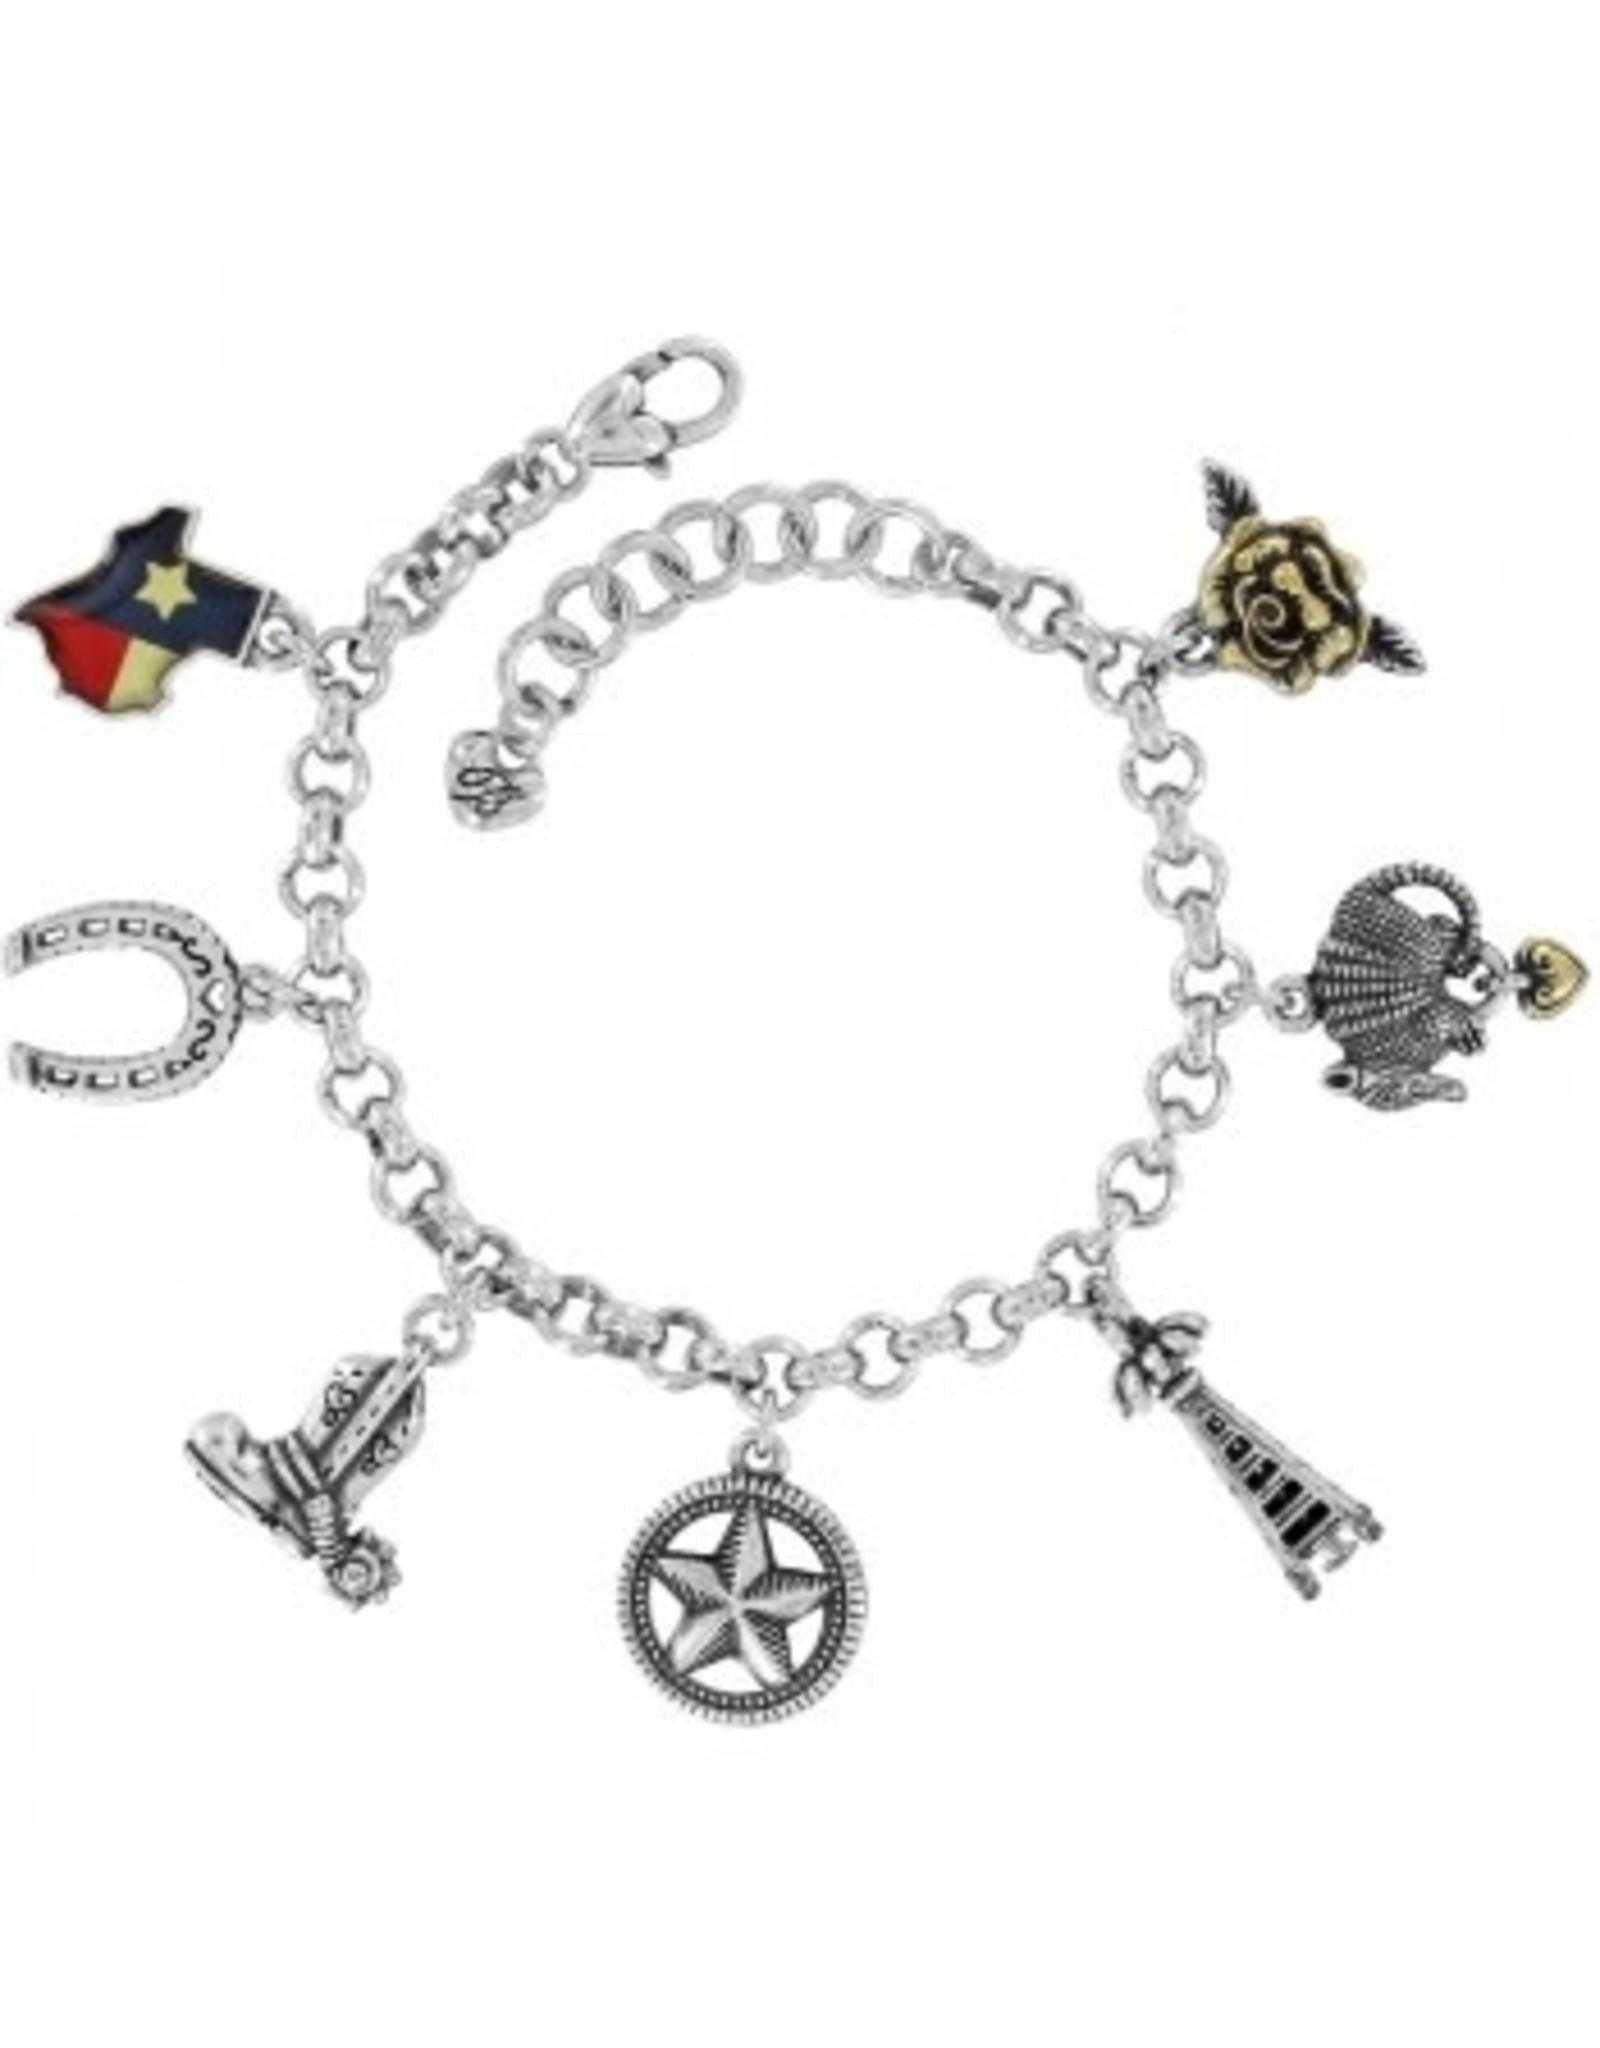 Brighton Texas State Charm Bracelet